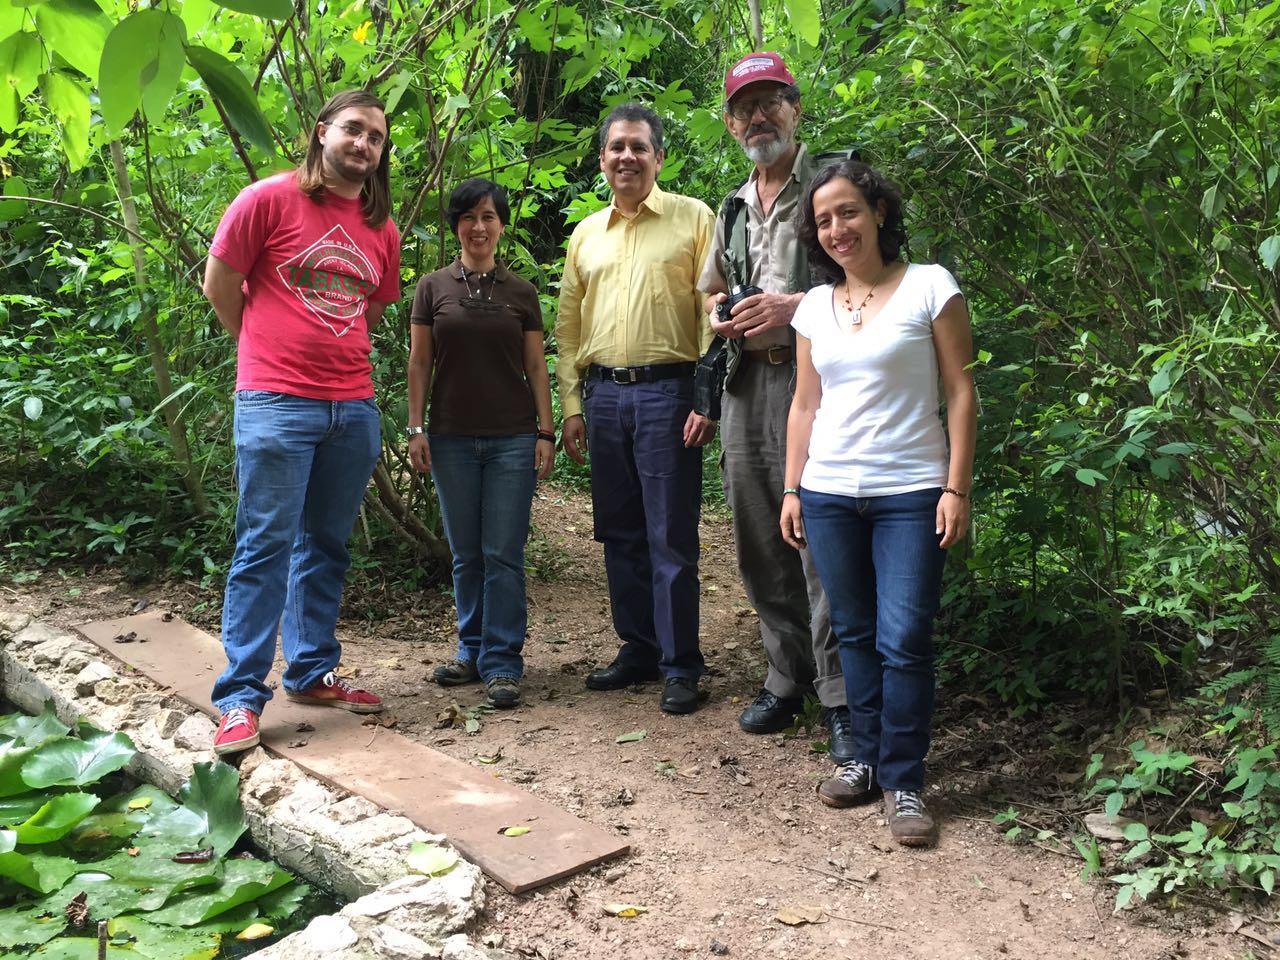 Carlos Peláez, Mayra Rincón, Juan Carlos Sánchez, Luis Levin y Lisbeth Bethelmy en el Jardín Ecológico de la Concha Acústica, donde se grabó el programa